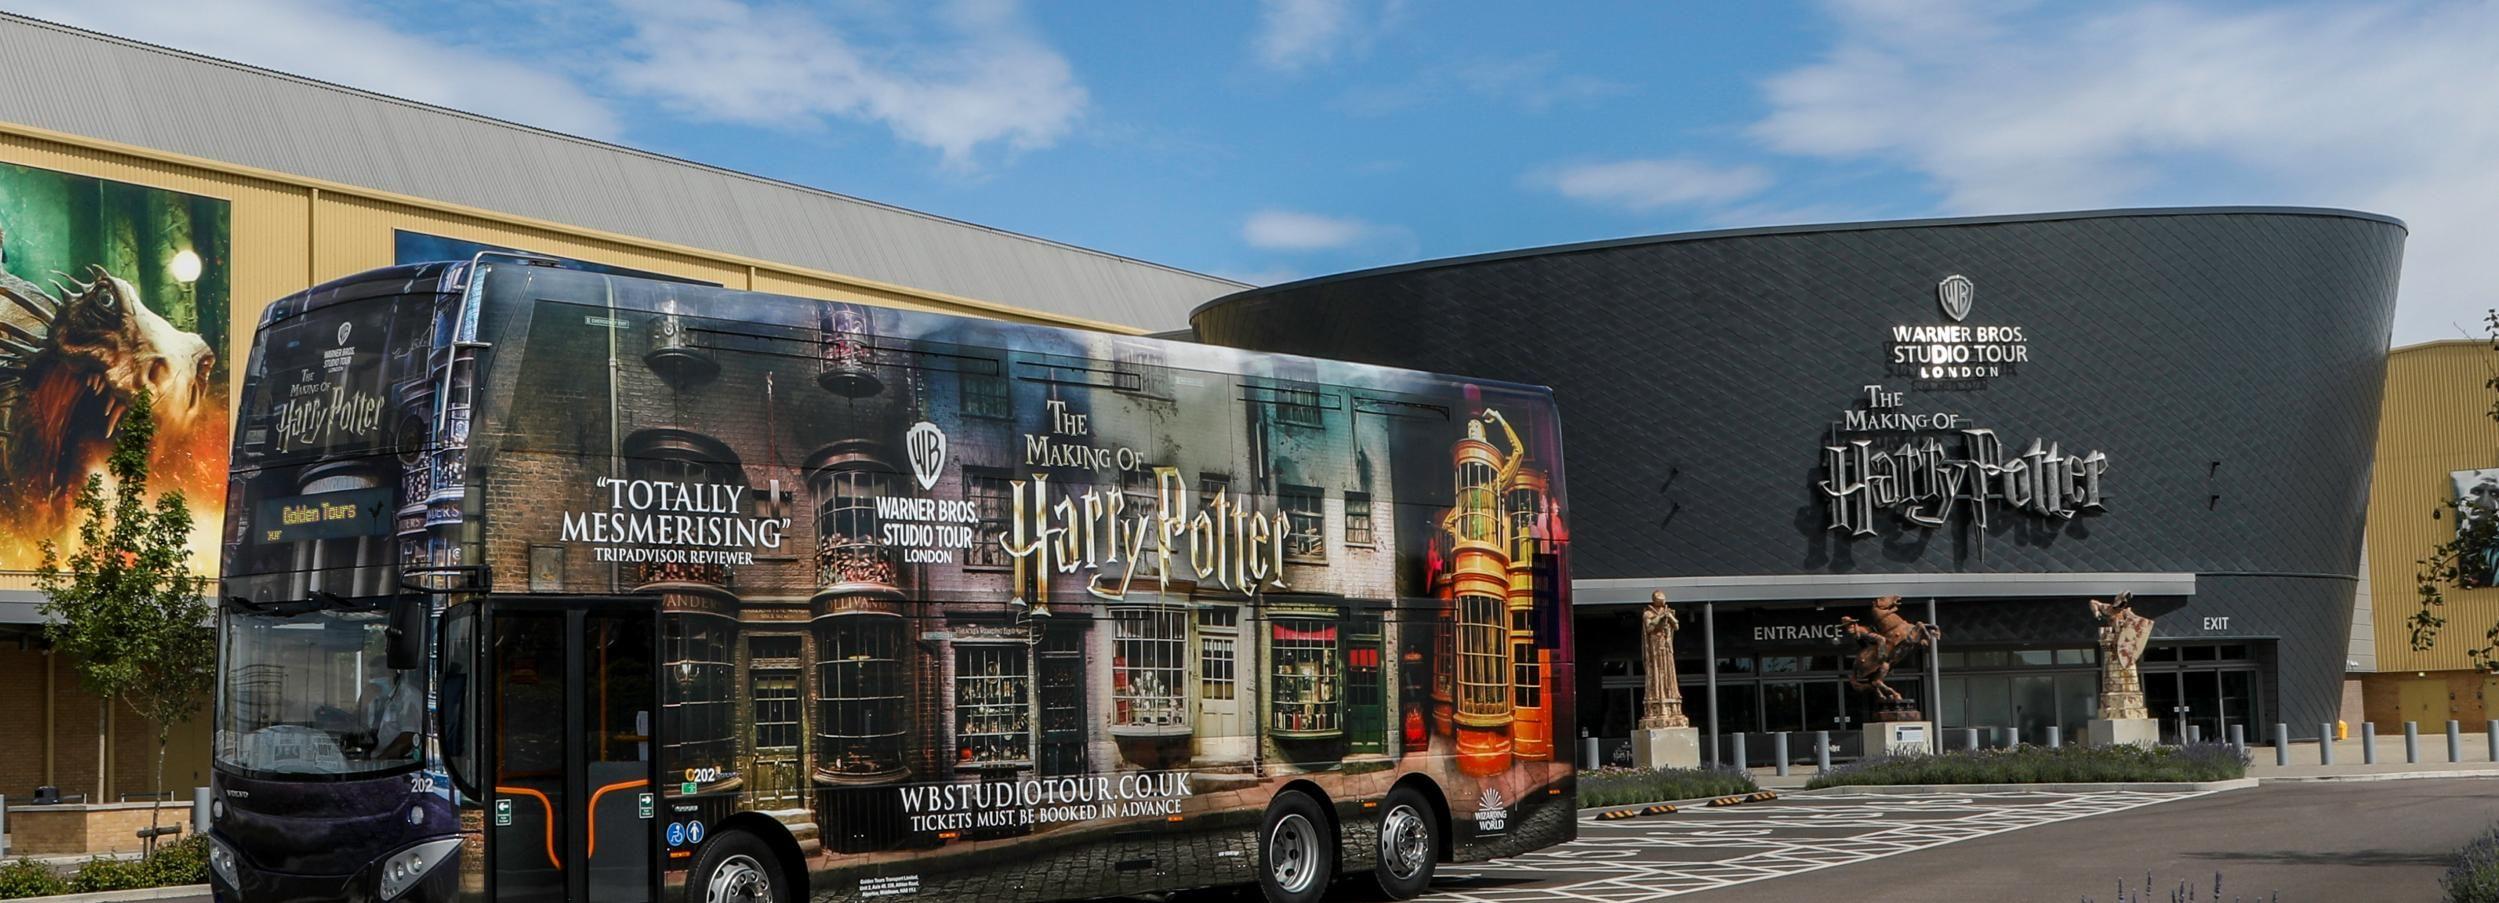 Londres: Harry Potter en estudios Warner Bros y traslados